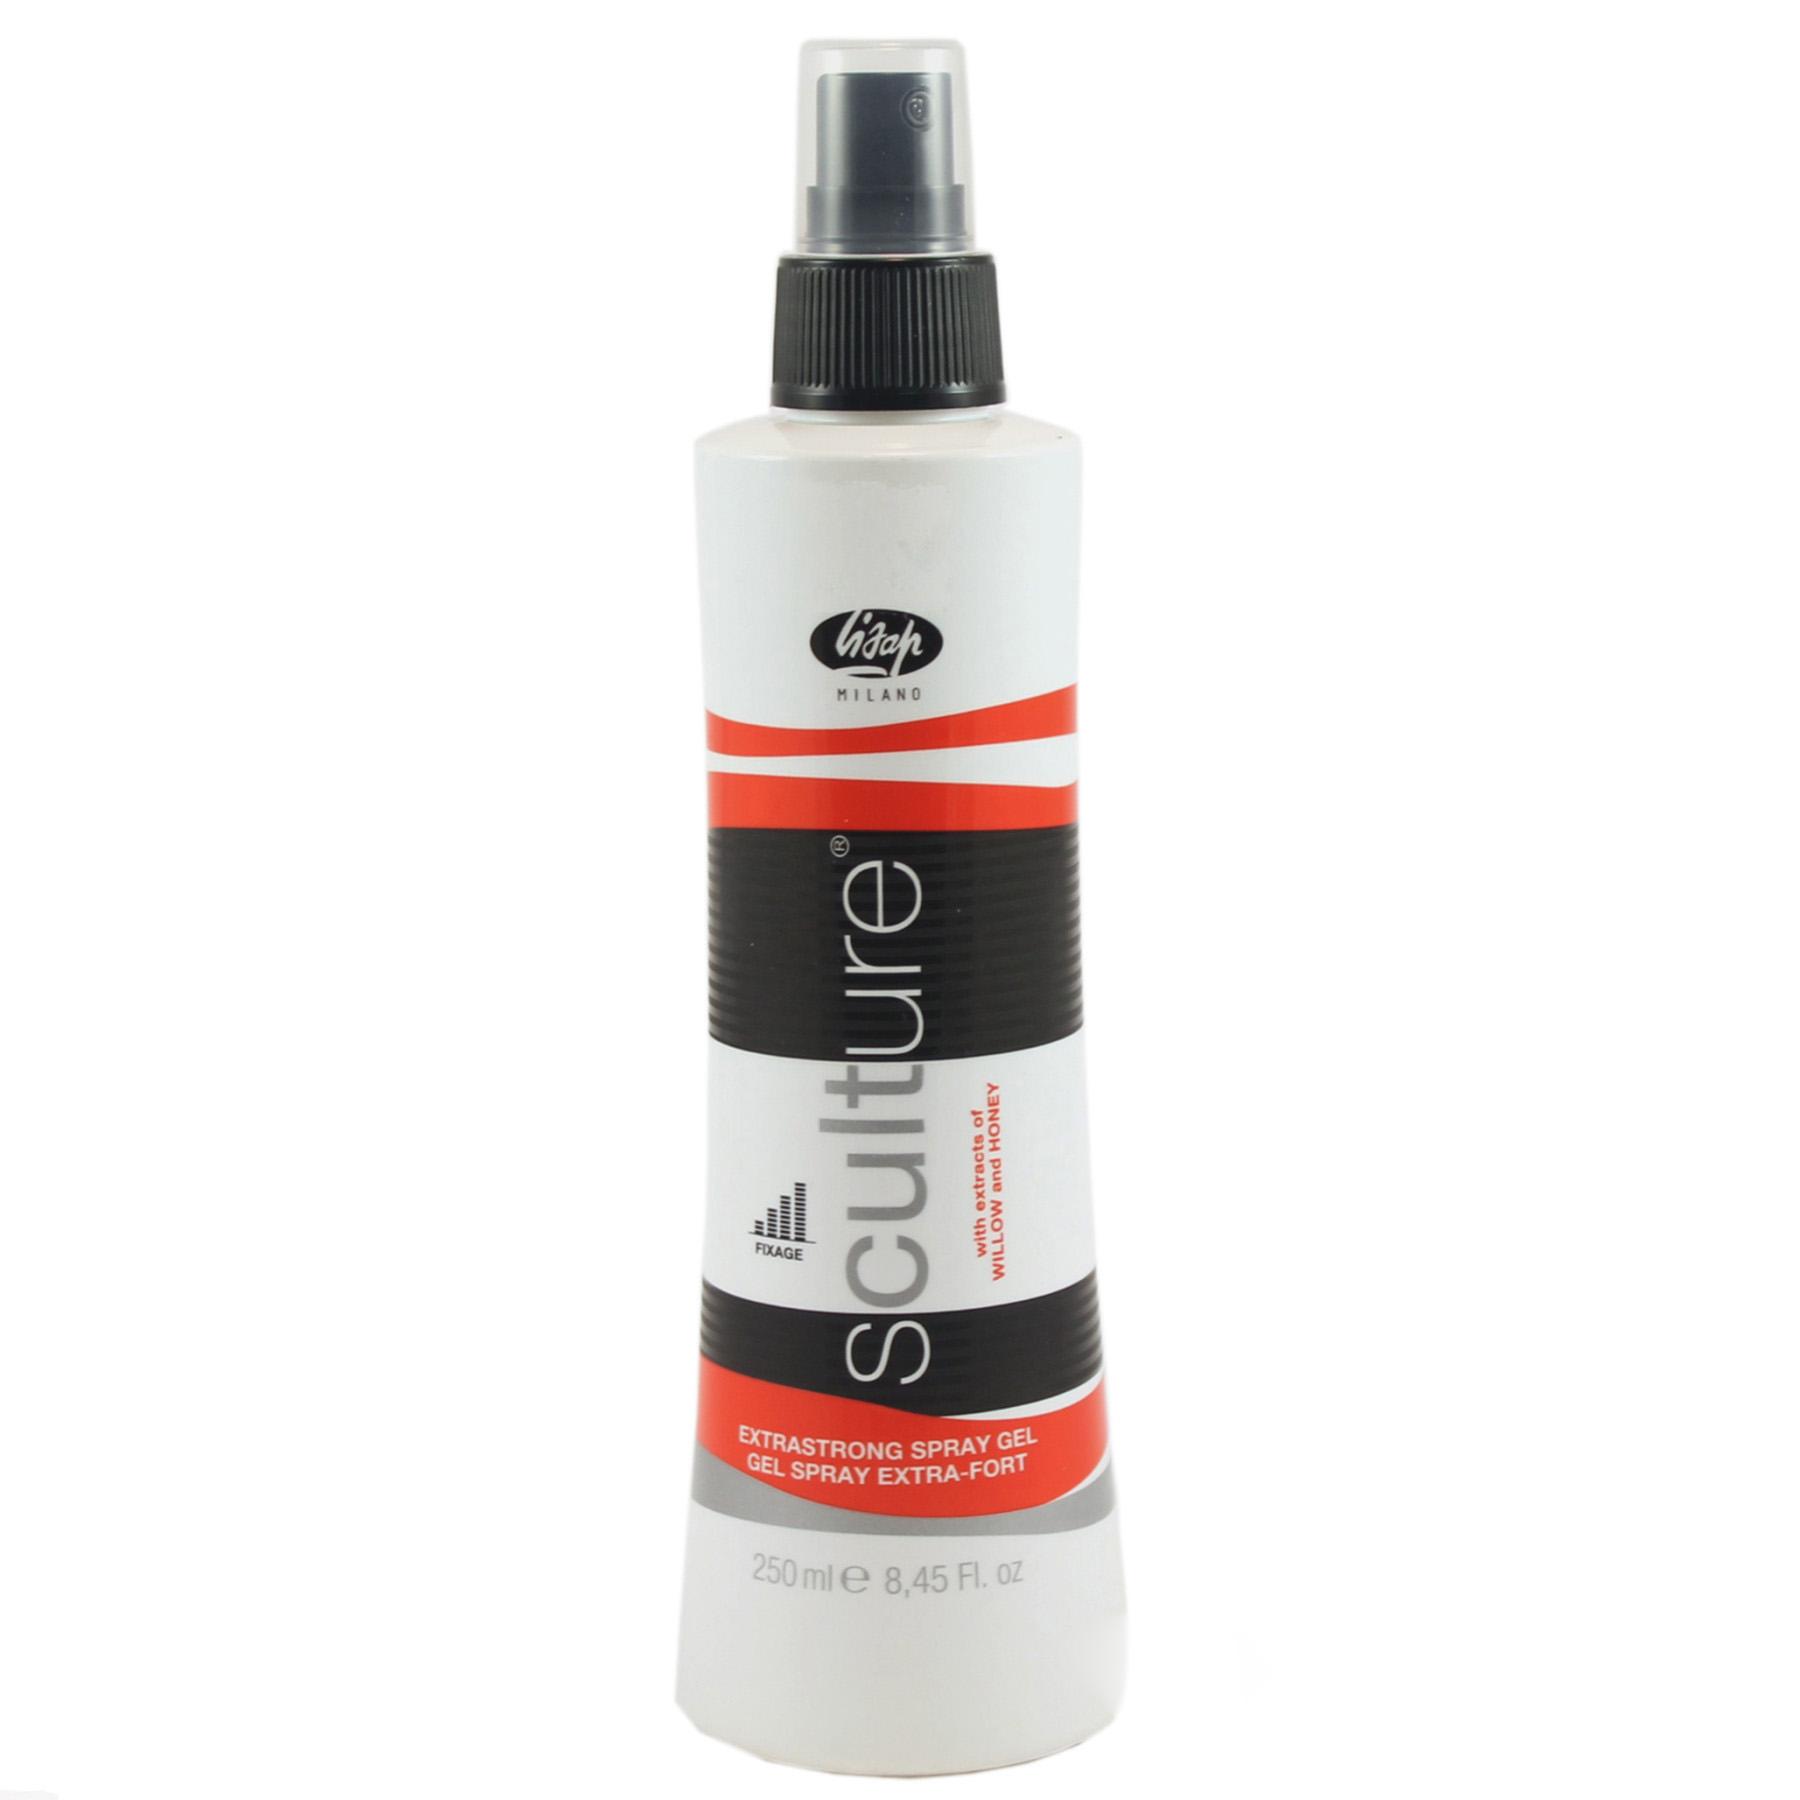 Купить Стайлинг волос Lisap, Гель-спрей для волос Lisap Sculture Spray Gel Extrastrong экстра сильной фиксации 250 мл